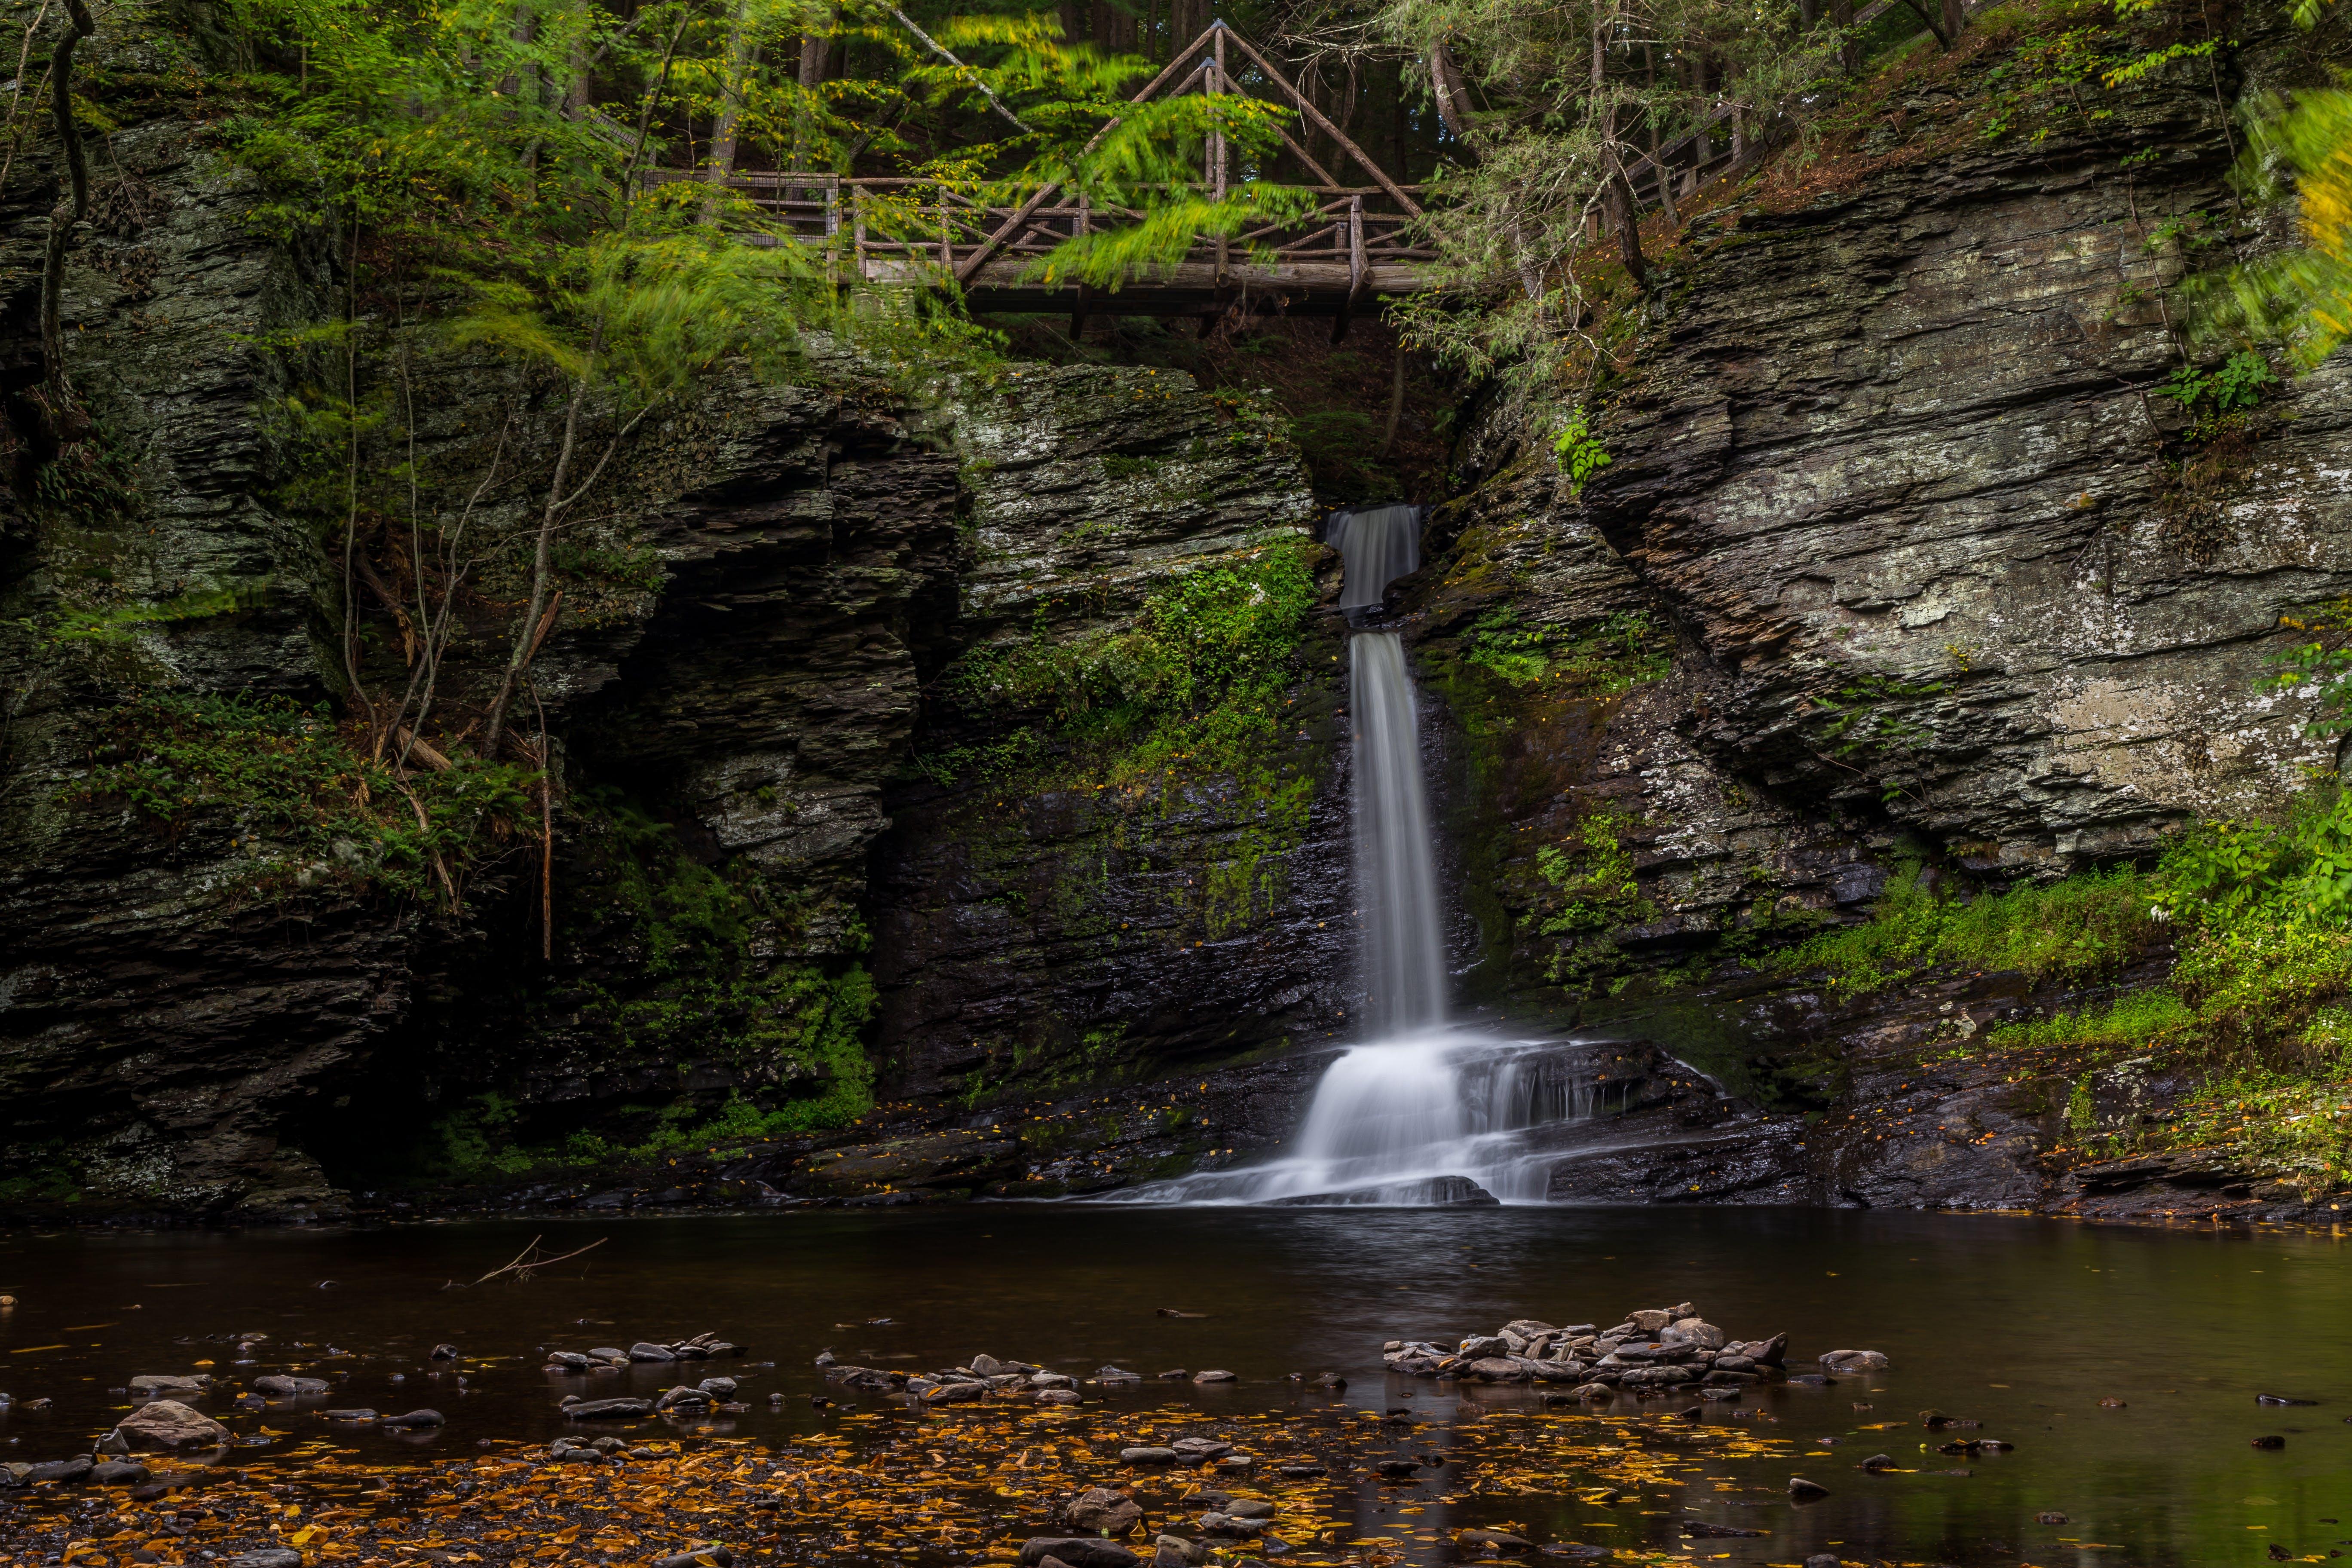 Fotos de stock gratuitas de agua, arboles, bosque, cascadas